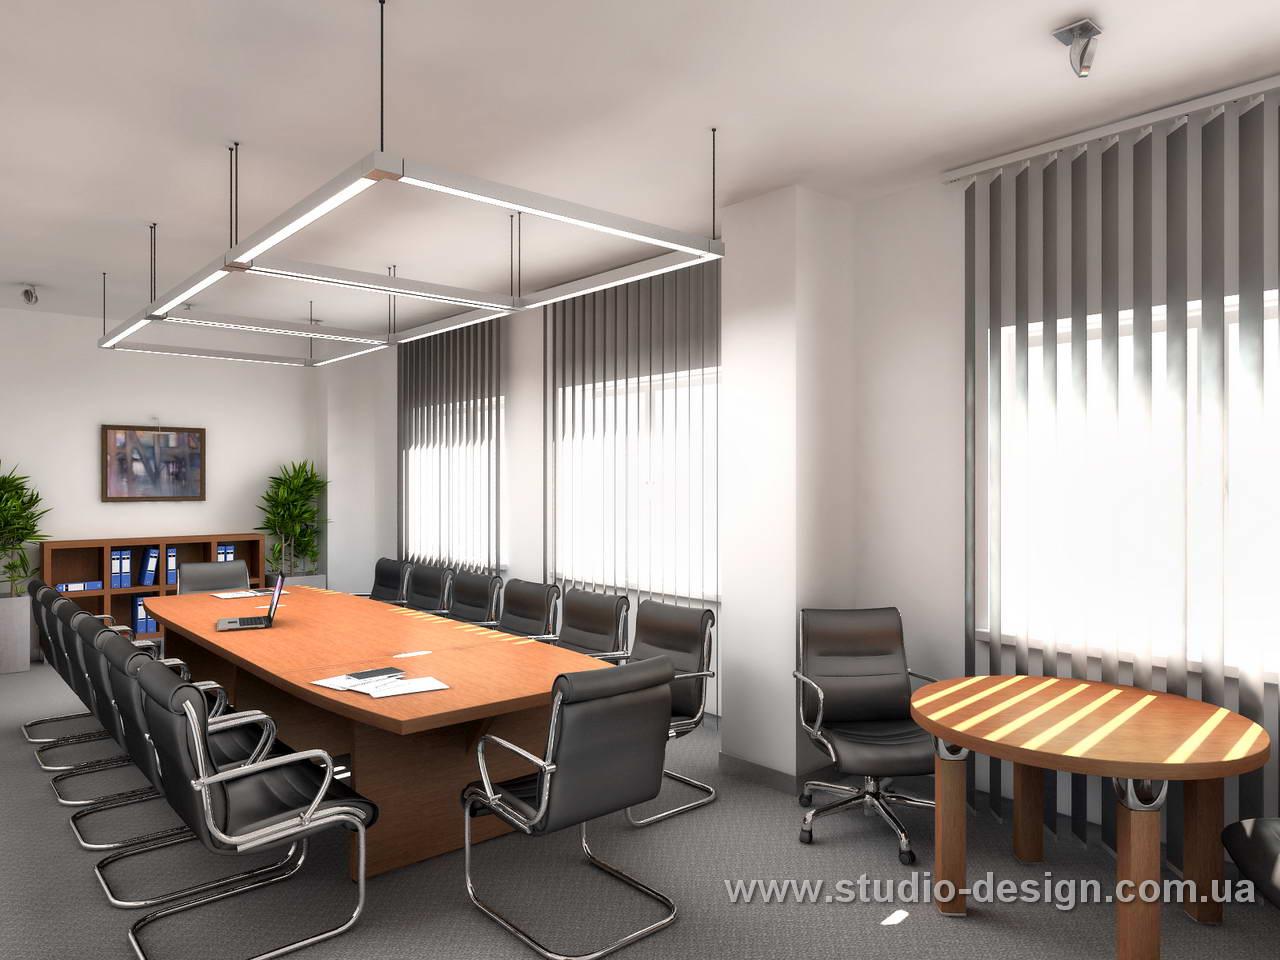 дизайн интерьера офиса фото: